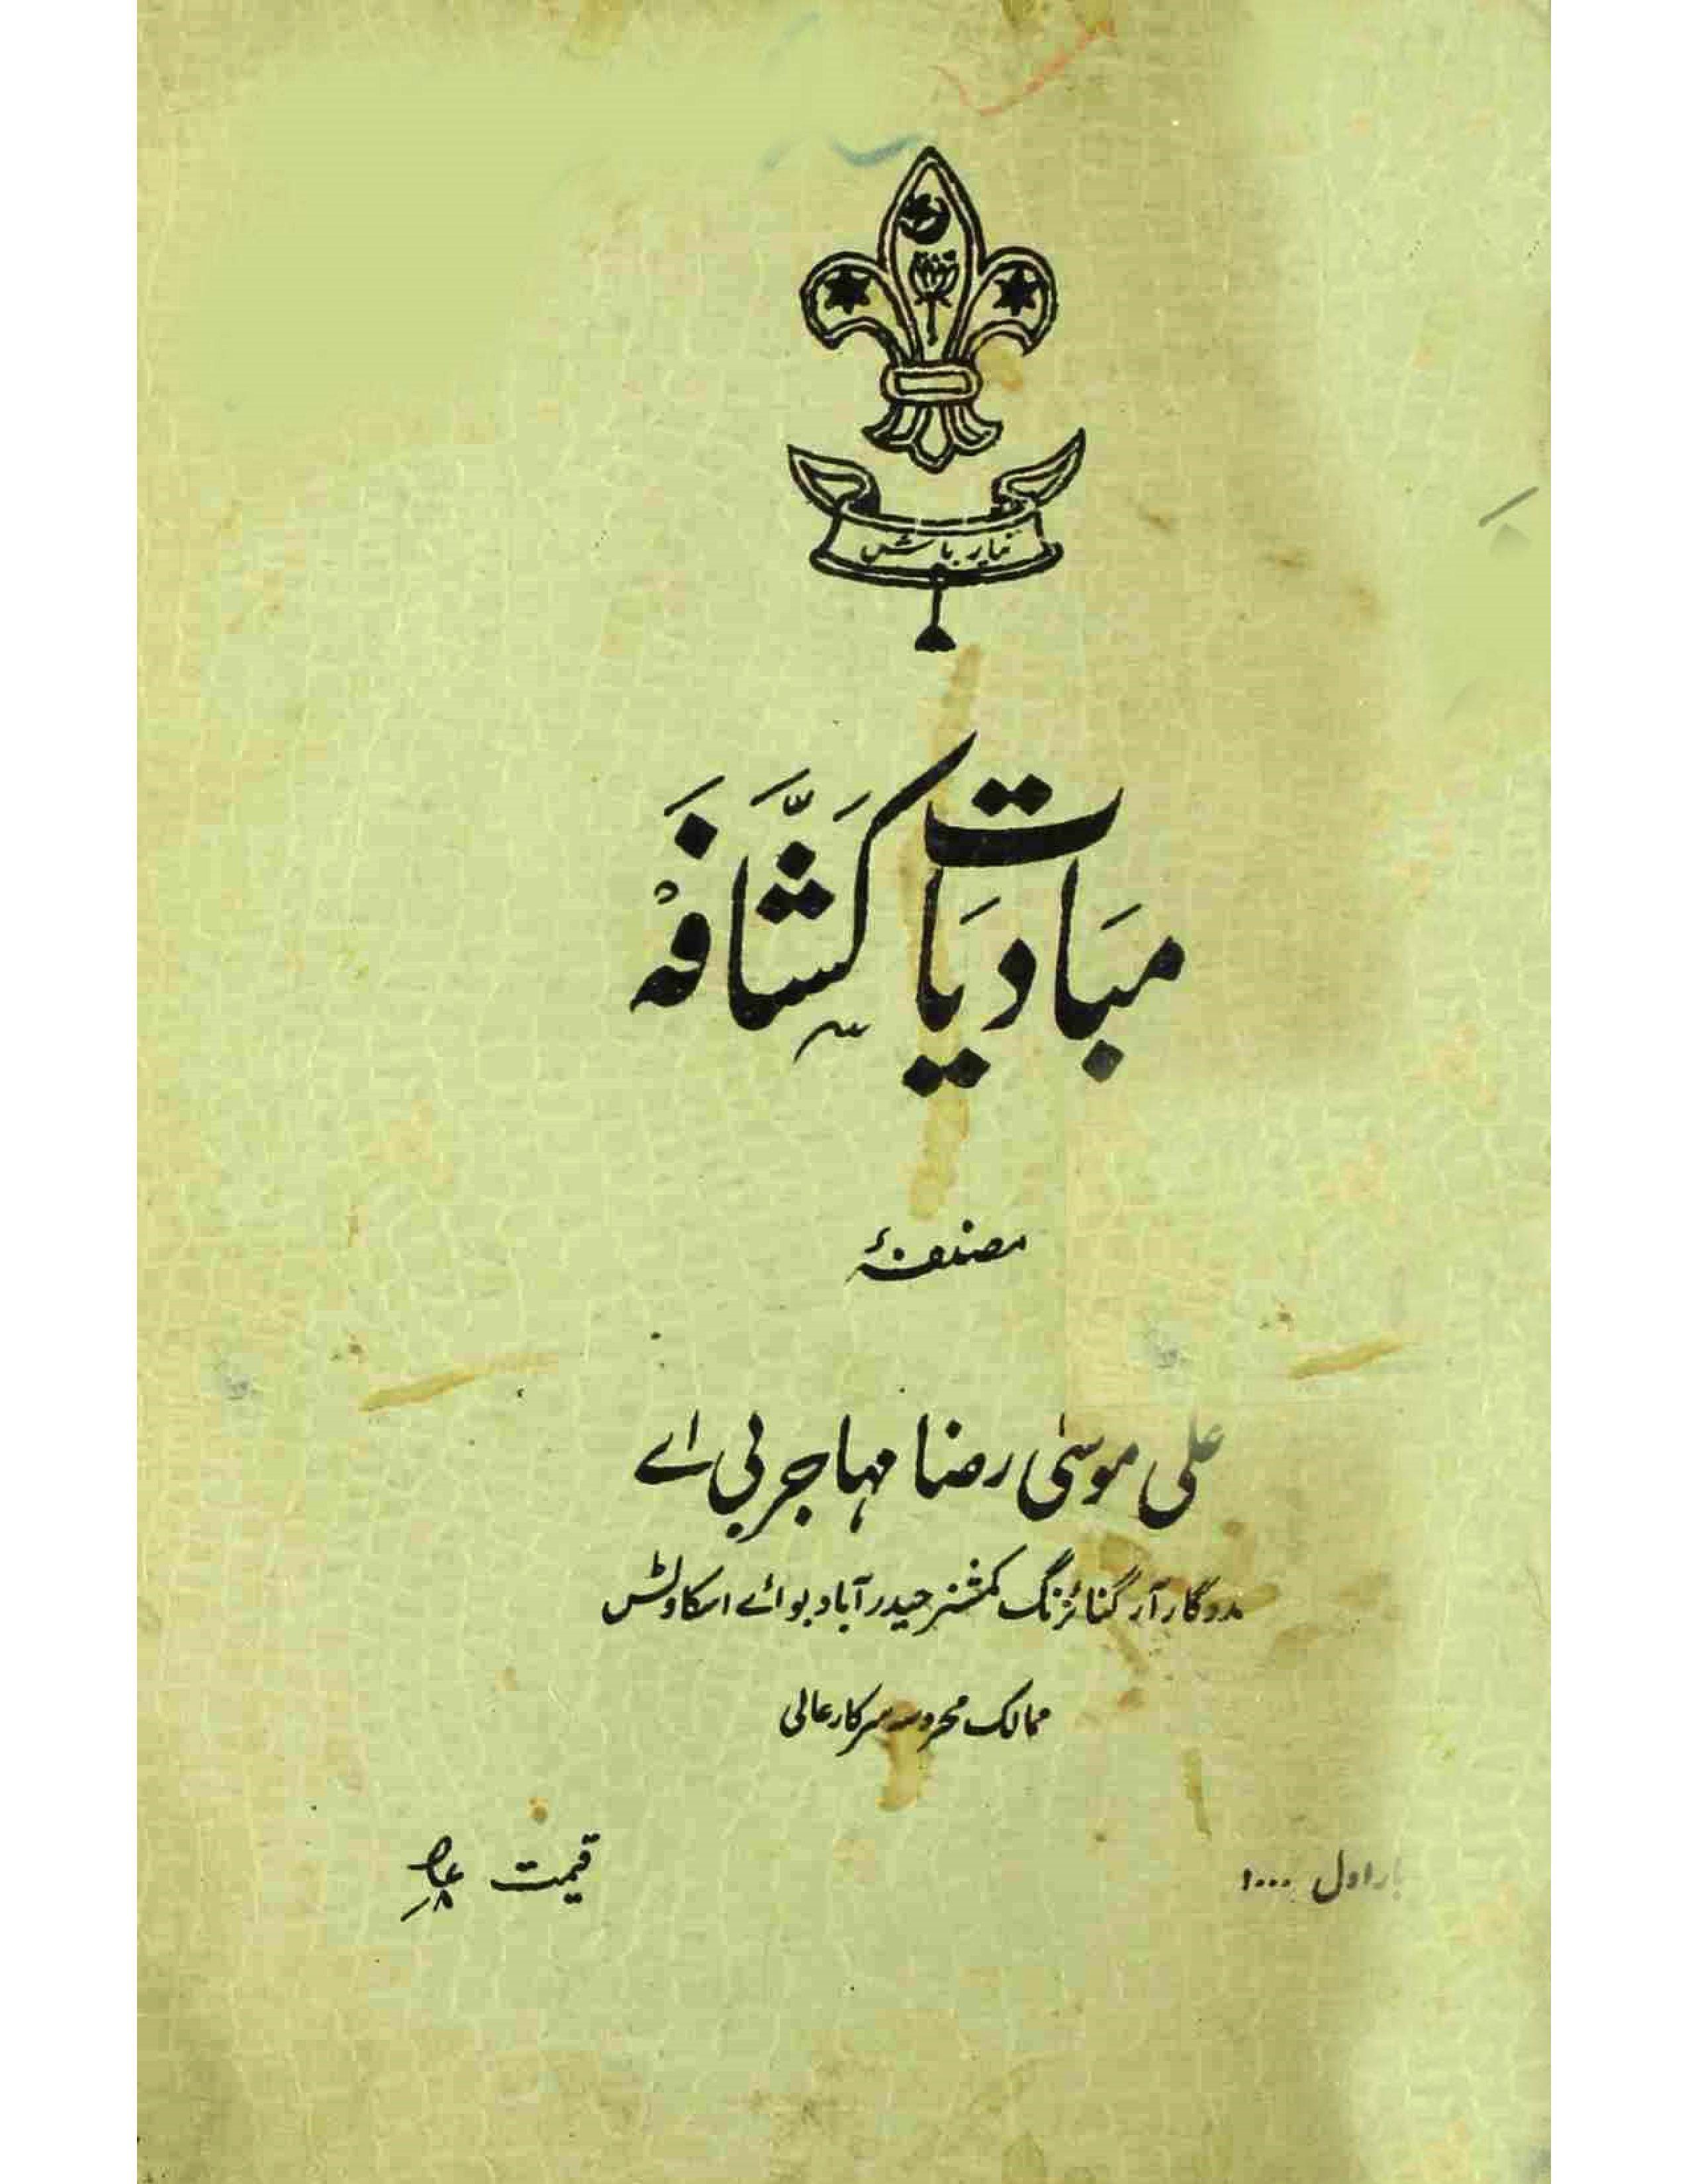 Mabadiyat-e-Kashshafa